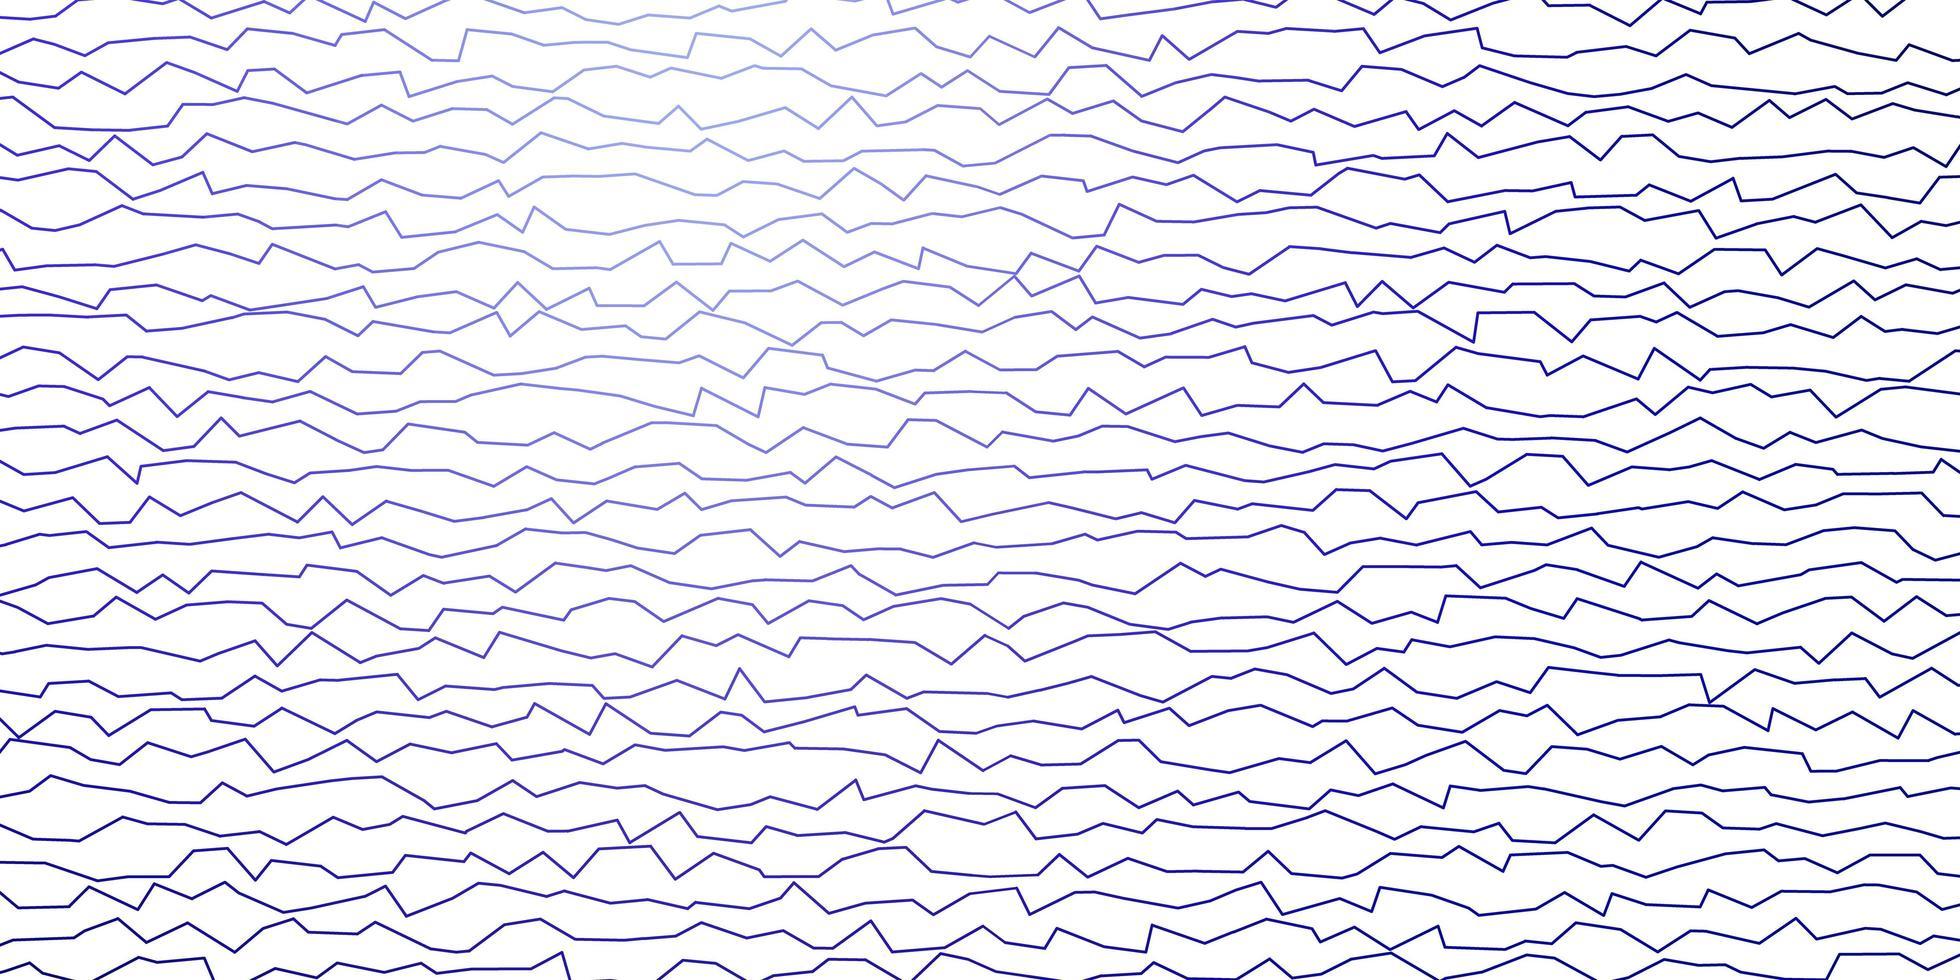 donkerpaarse vector achtergrond met cirkelvormige boog.